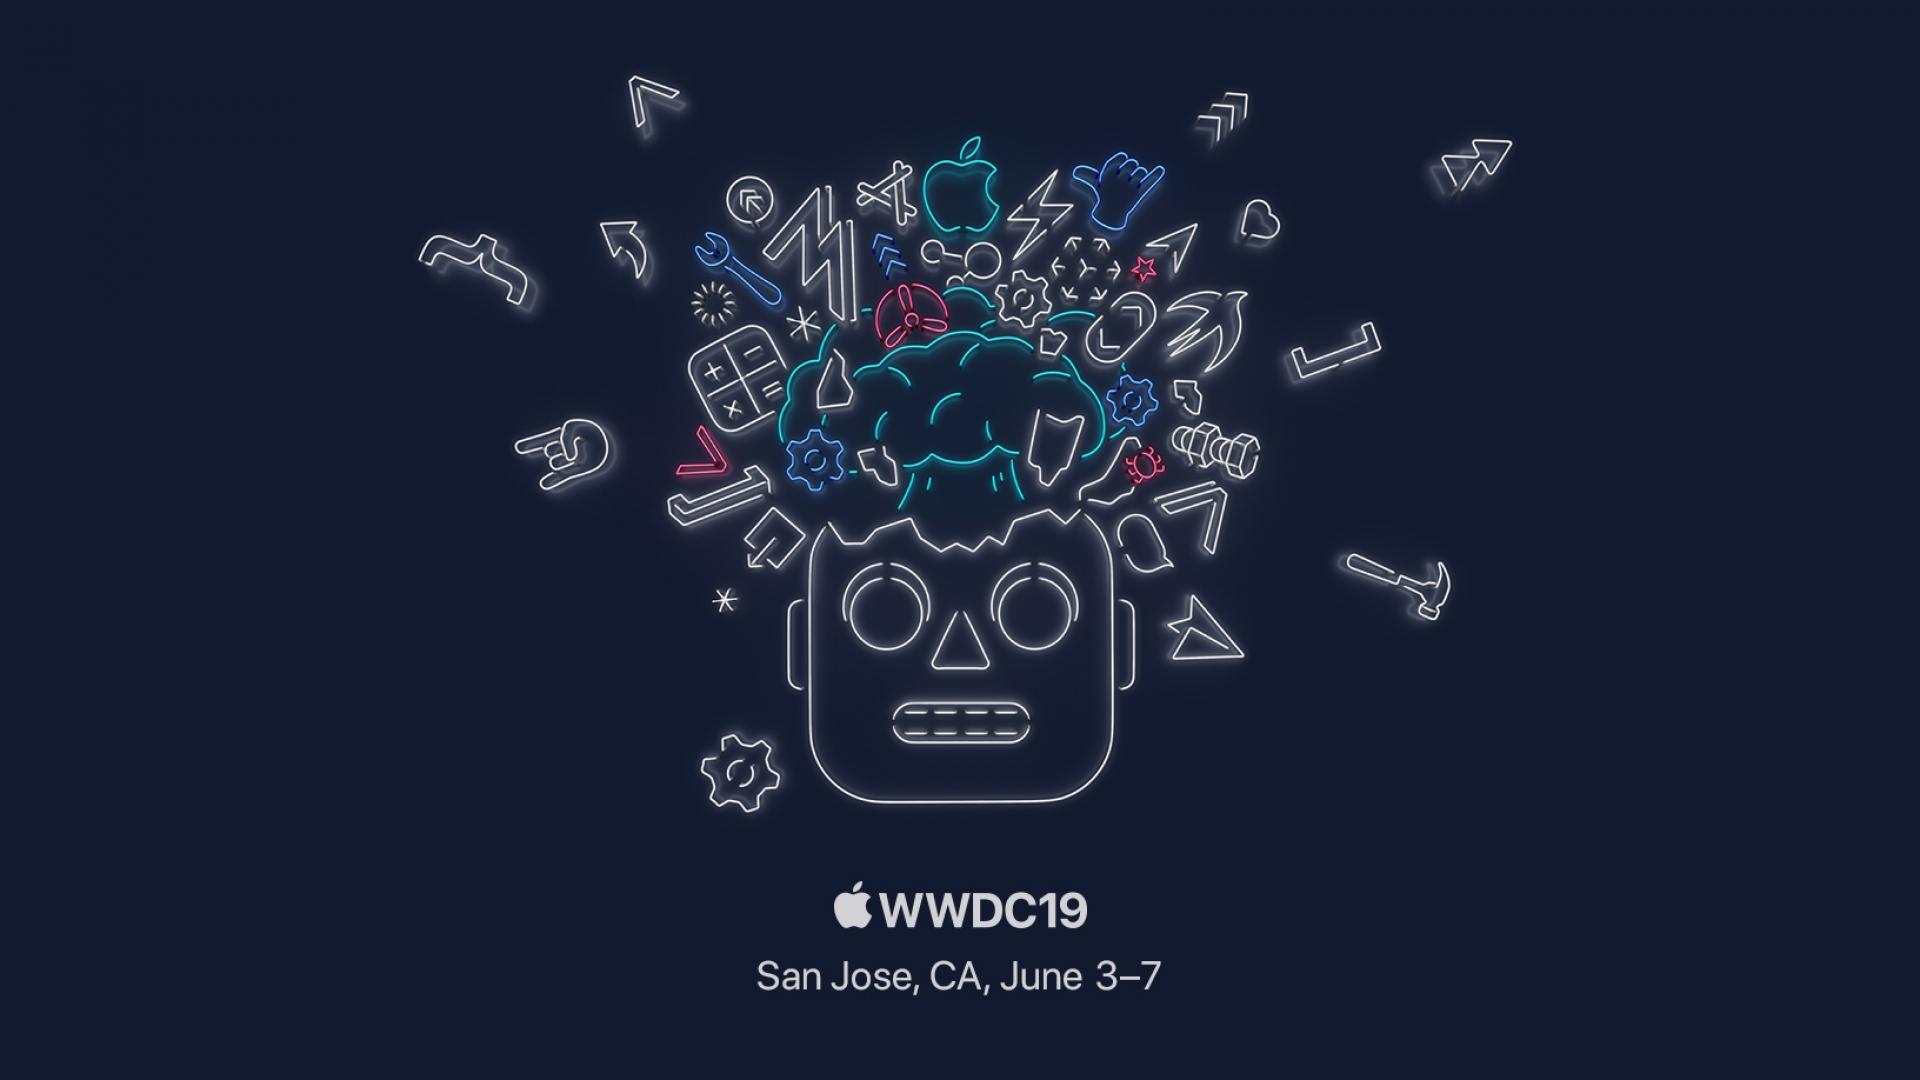 ابل تعلن عن مؤتمر المطورين WWDC 2019 يوم 3 – 7 يونيو